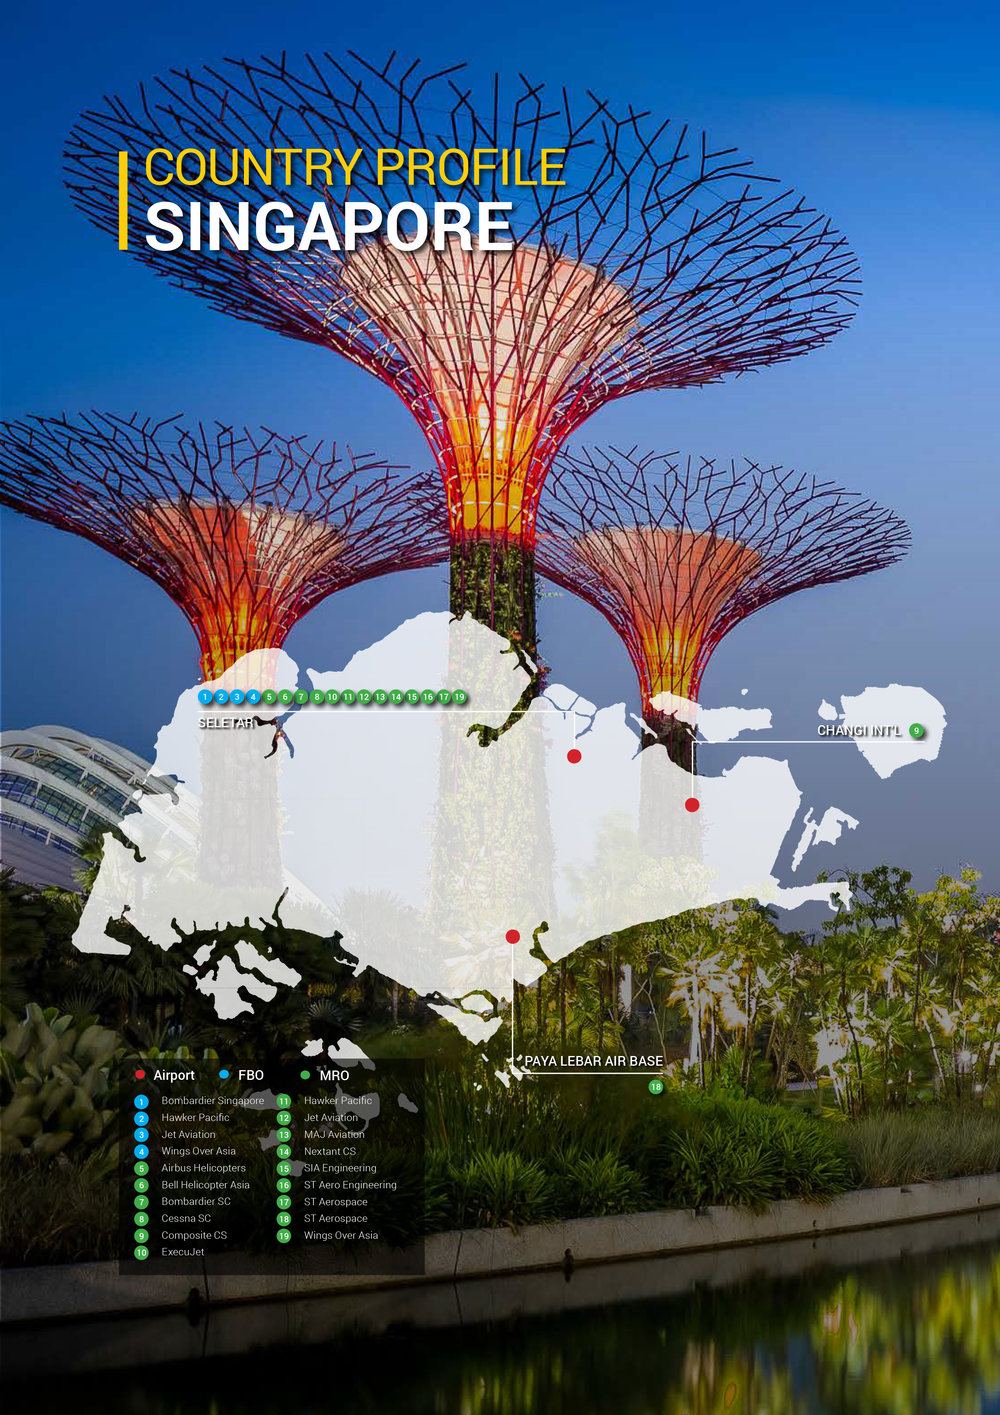 IR-Singapore-1.jpg